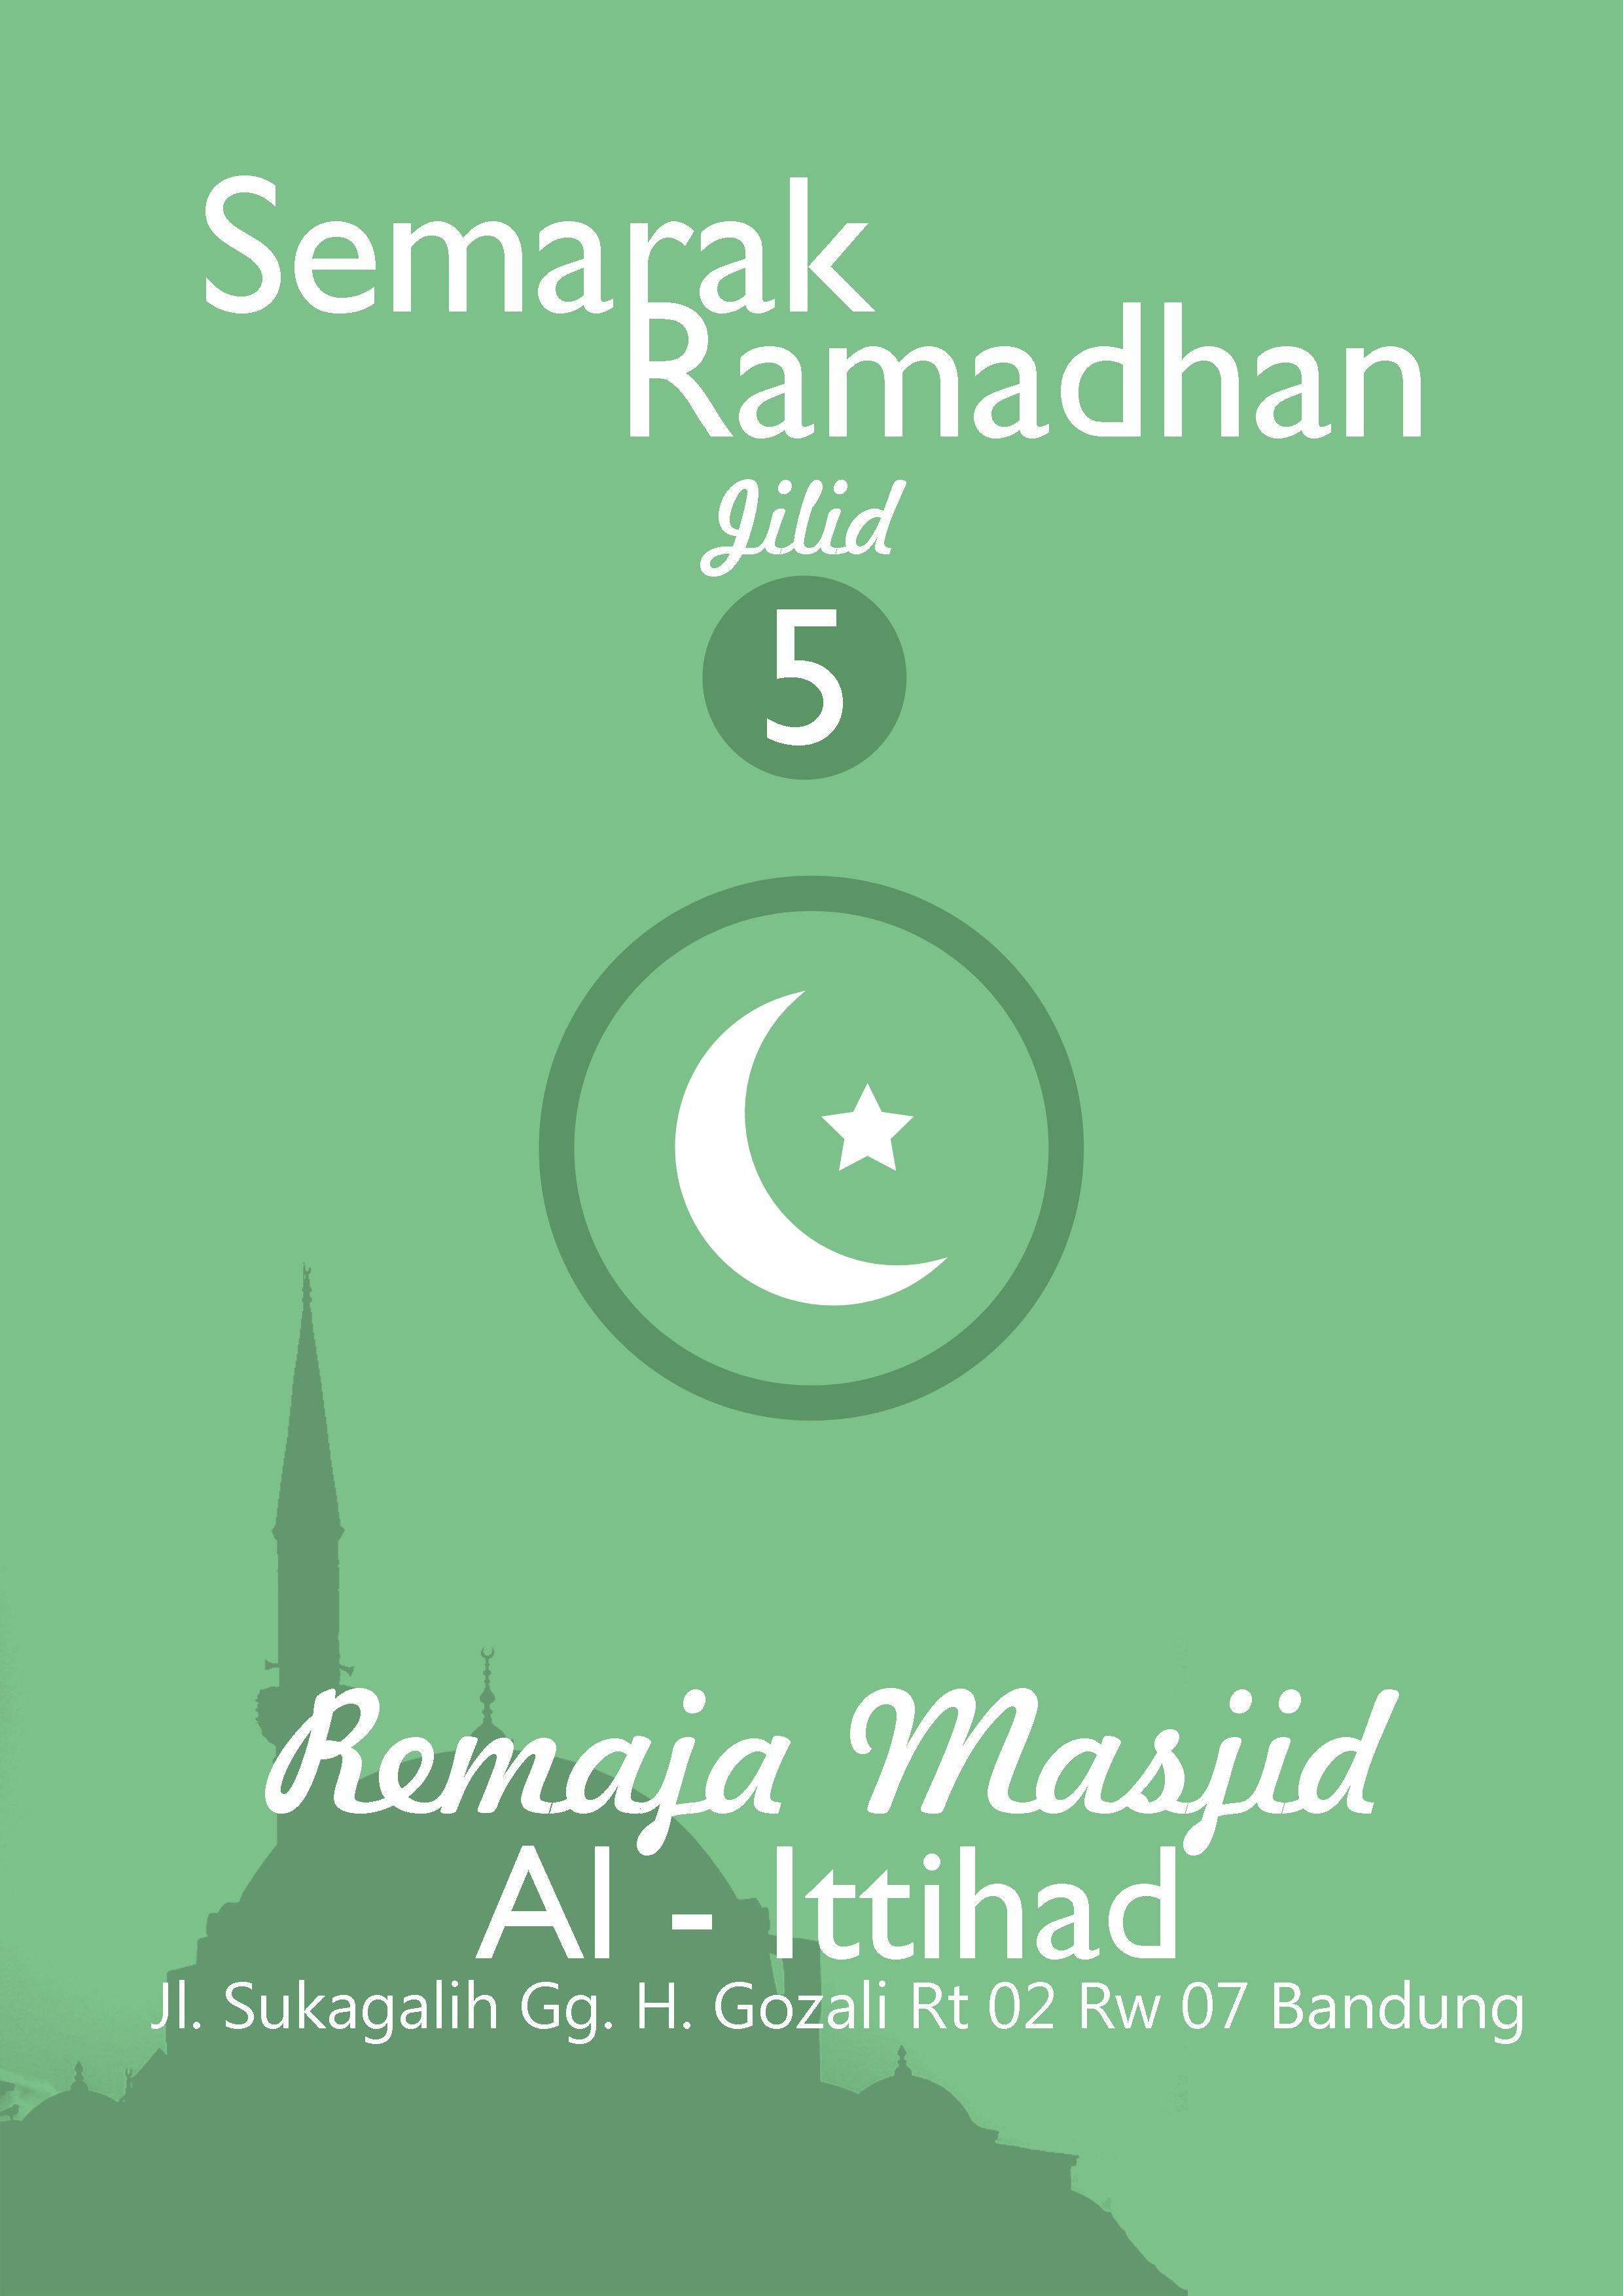 poster semarak ramadhan baliho acara tabligh akbar poster poster semarak ramadhan cover proposal